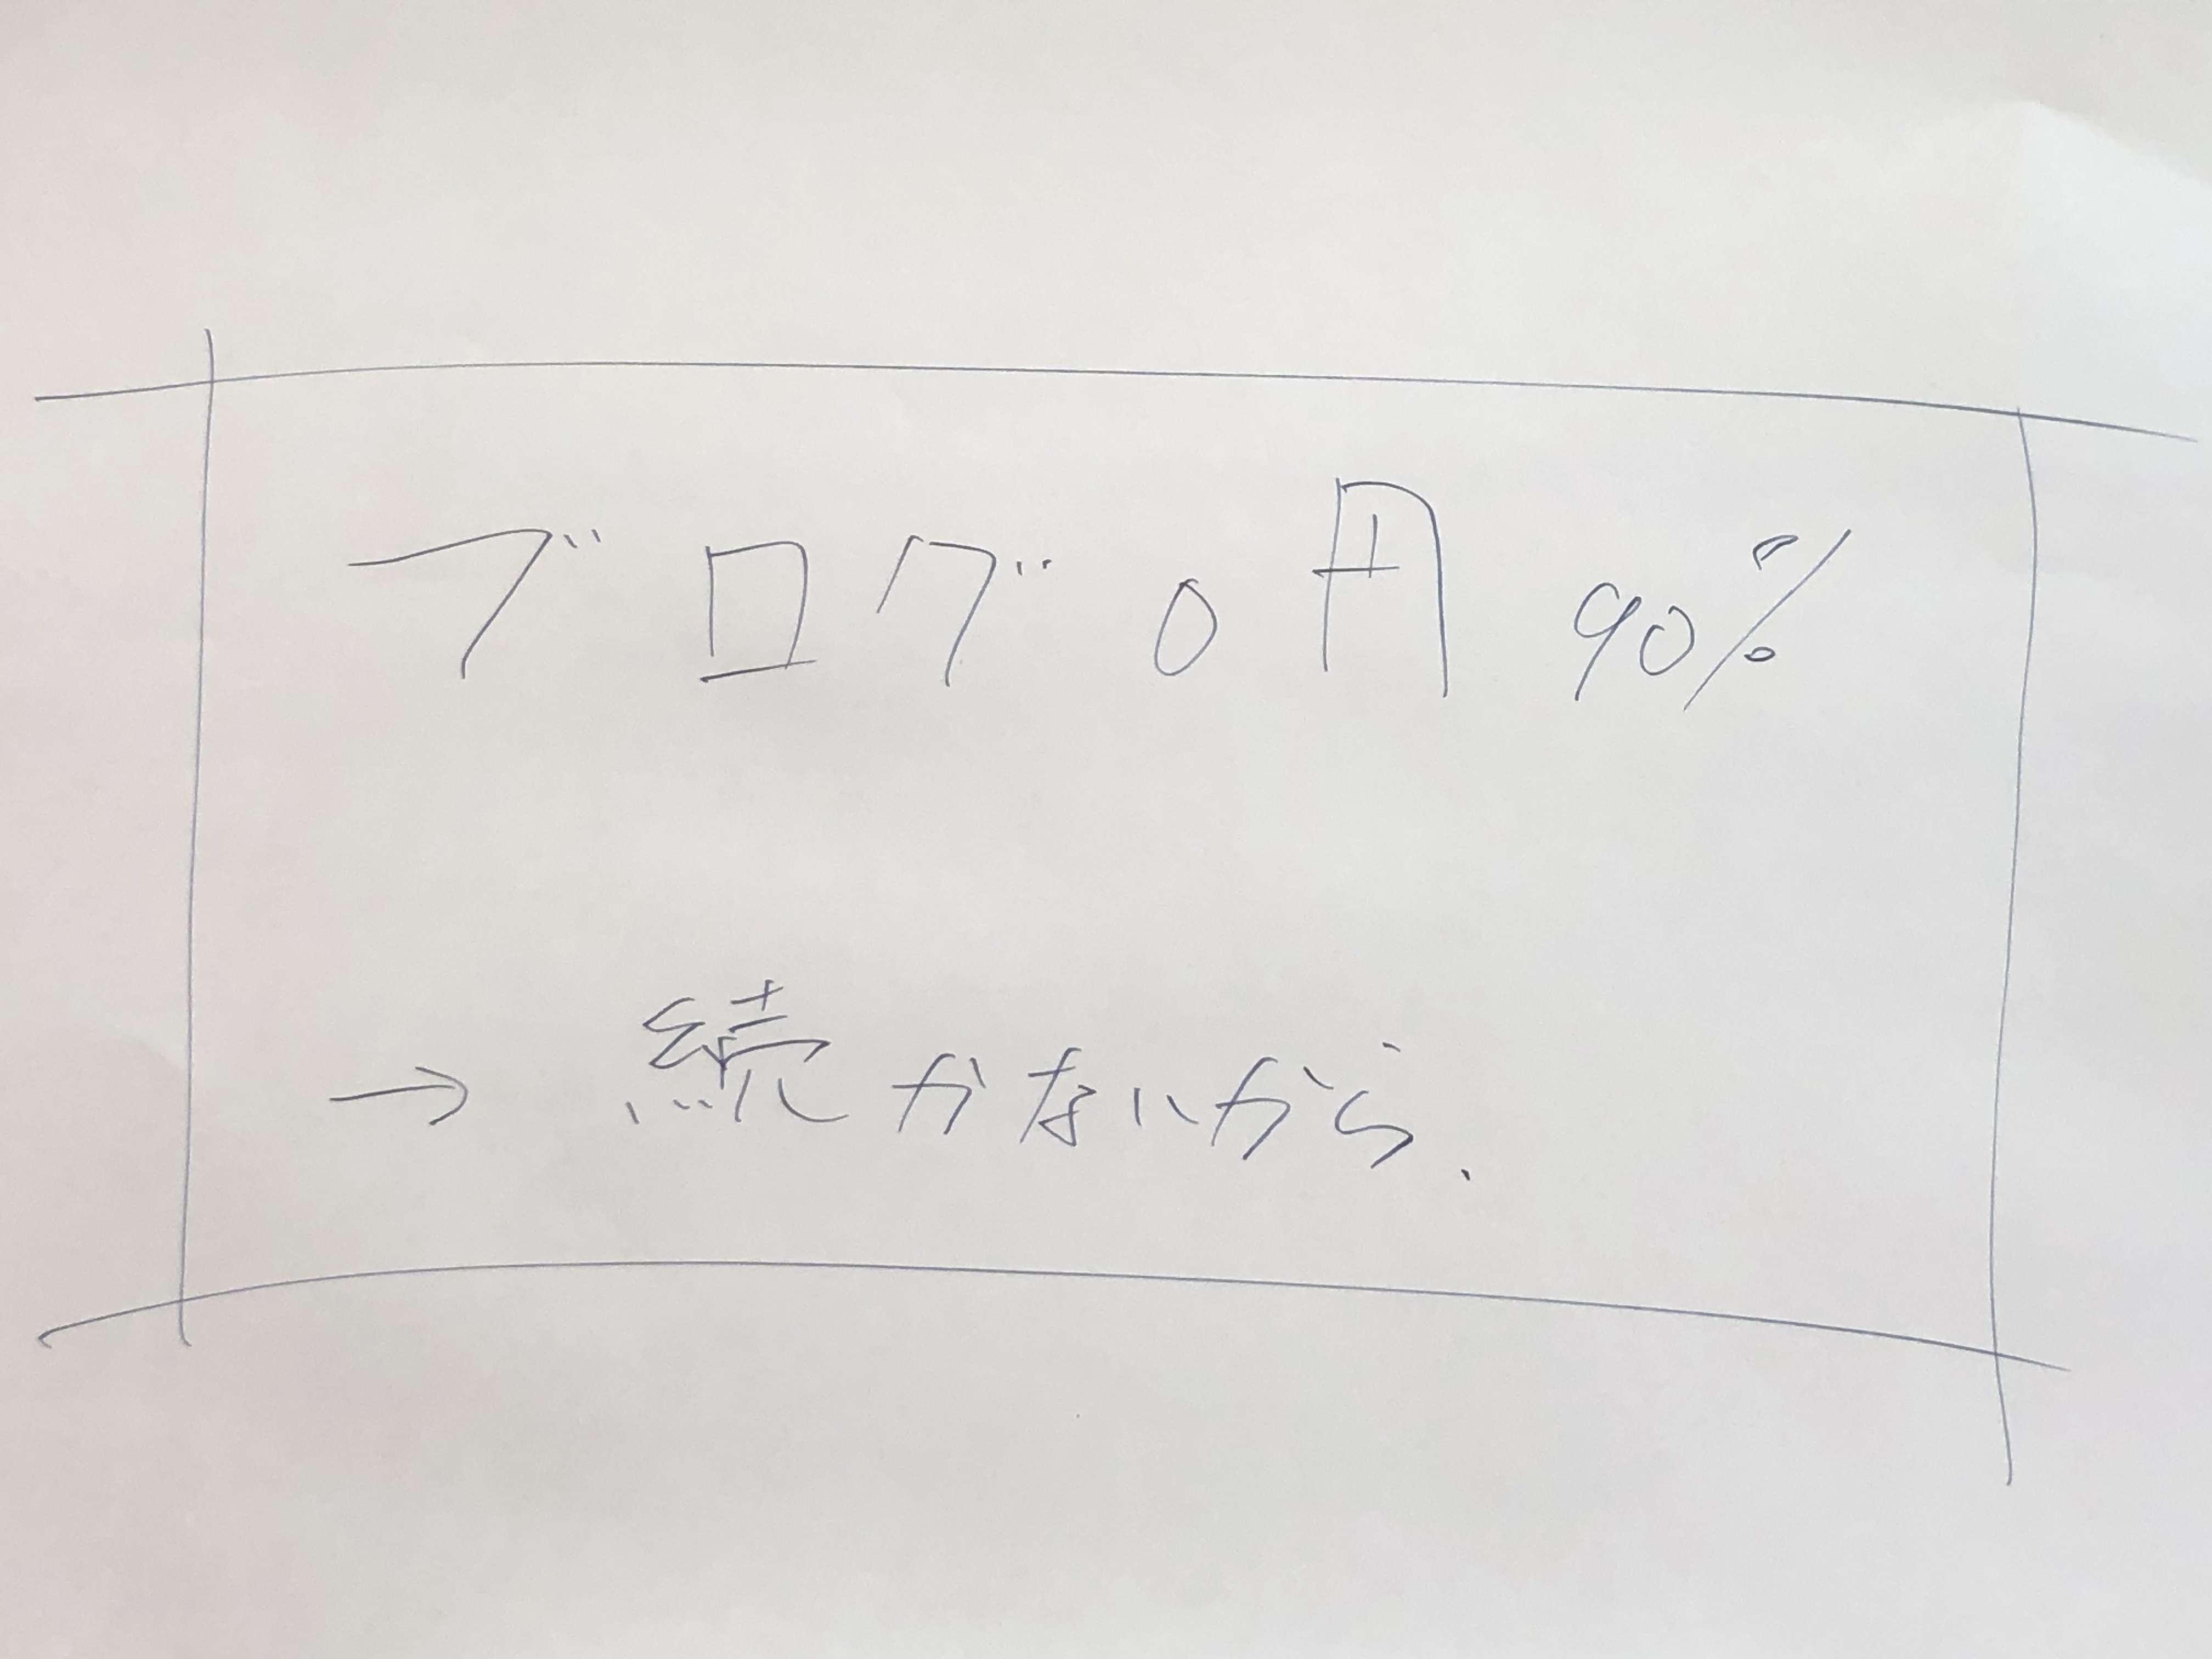 ブログ 収入 稼ぎ方 月1万円